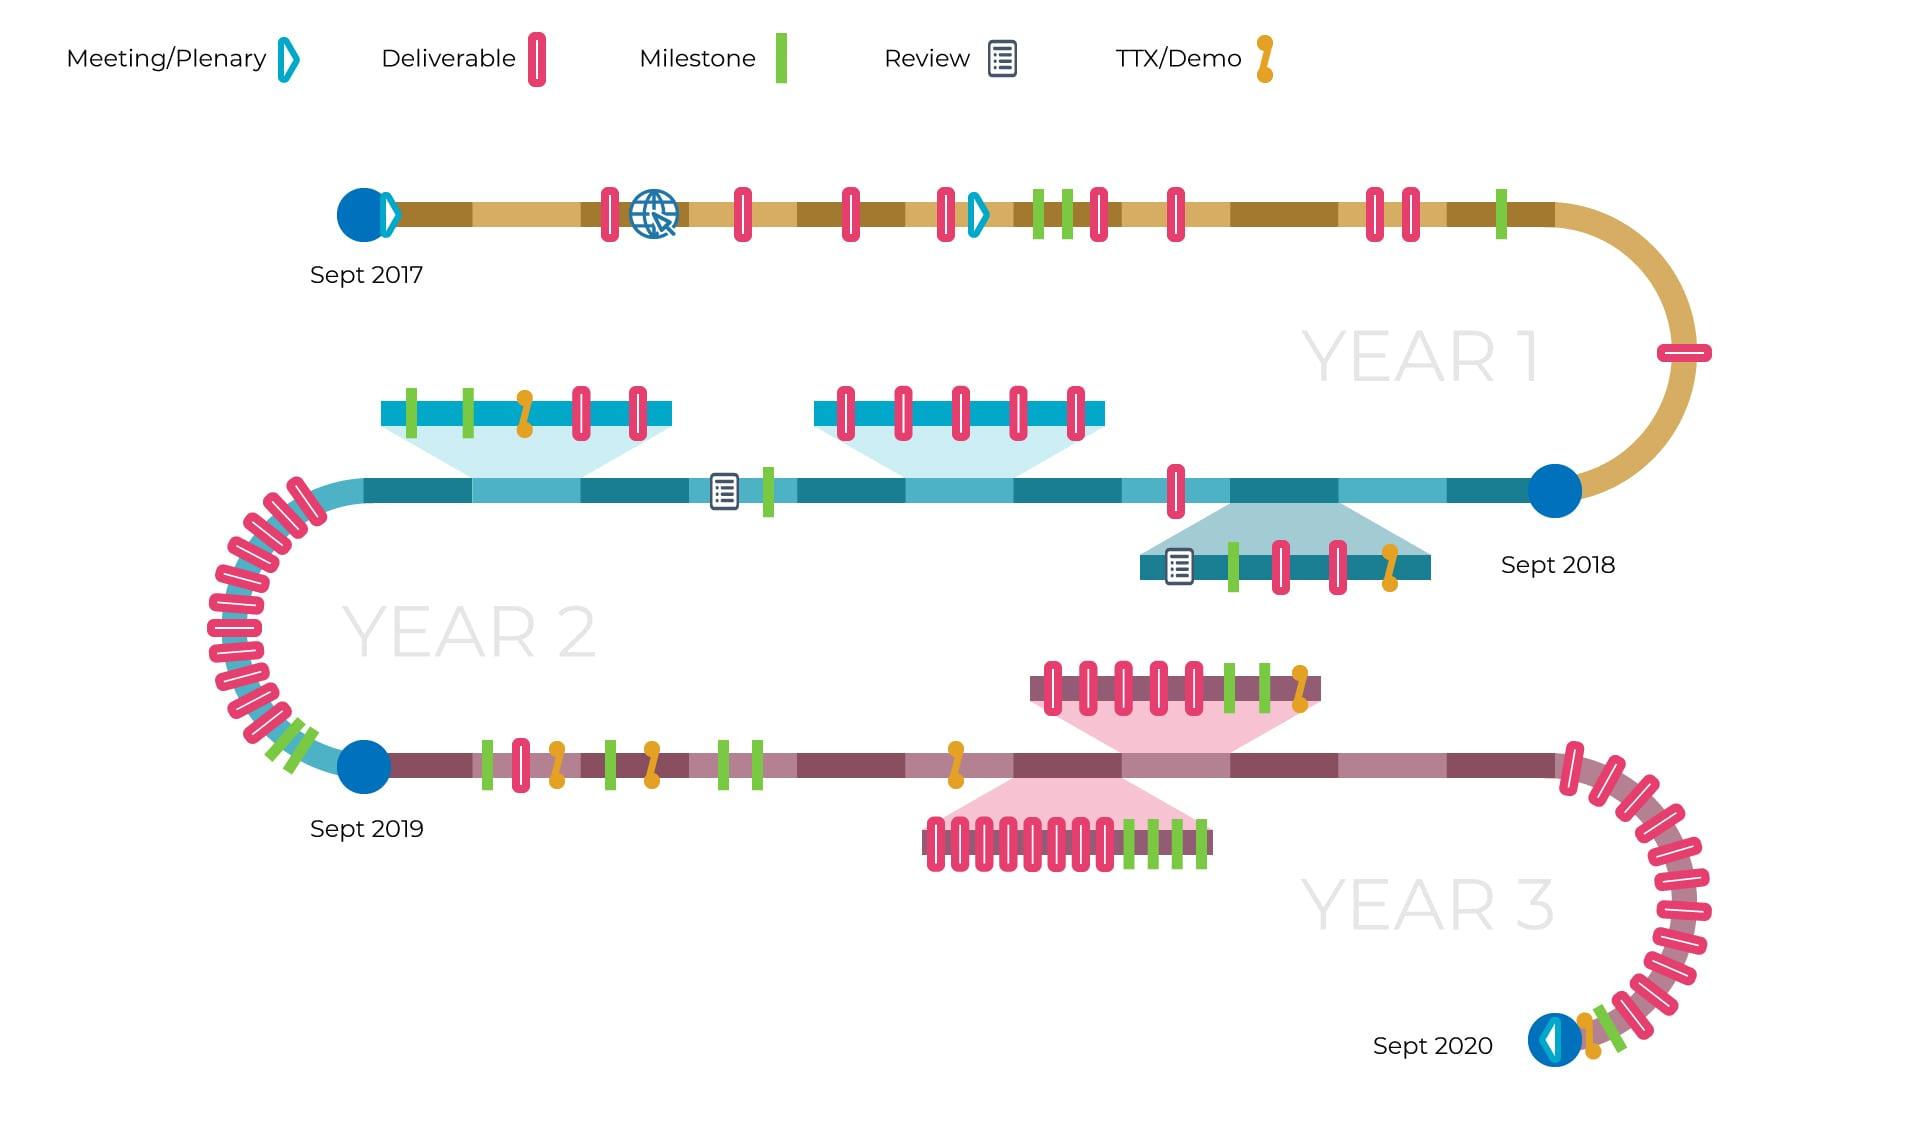 Inprep timeline 2019